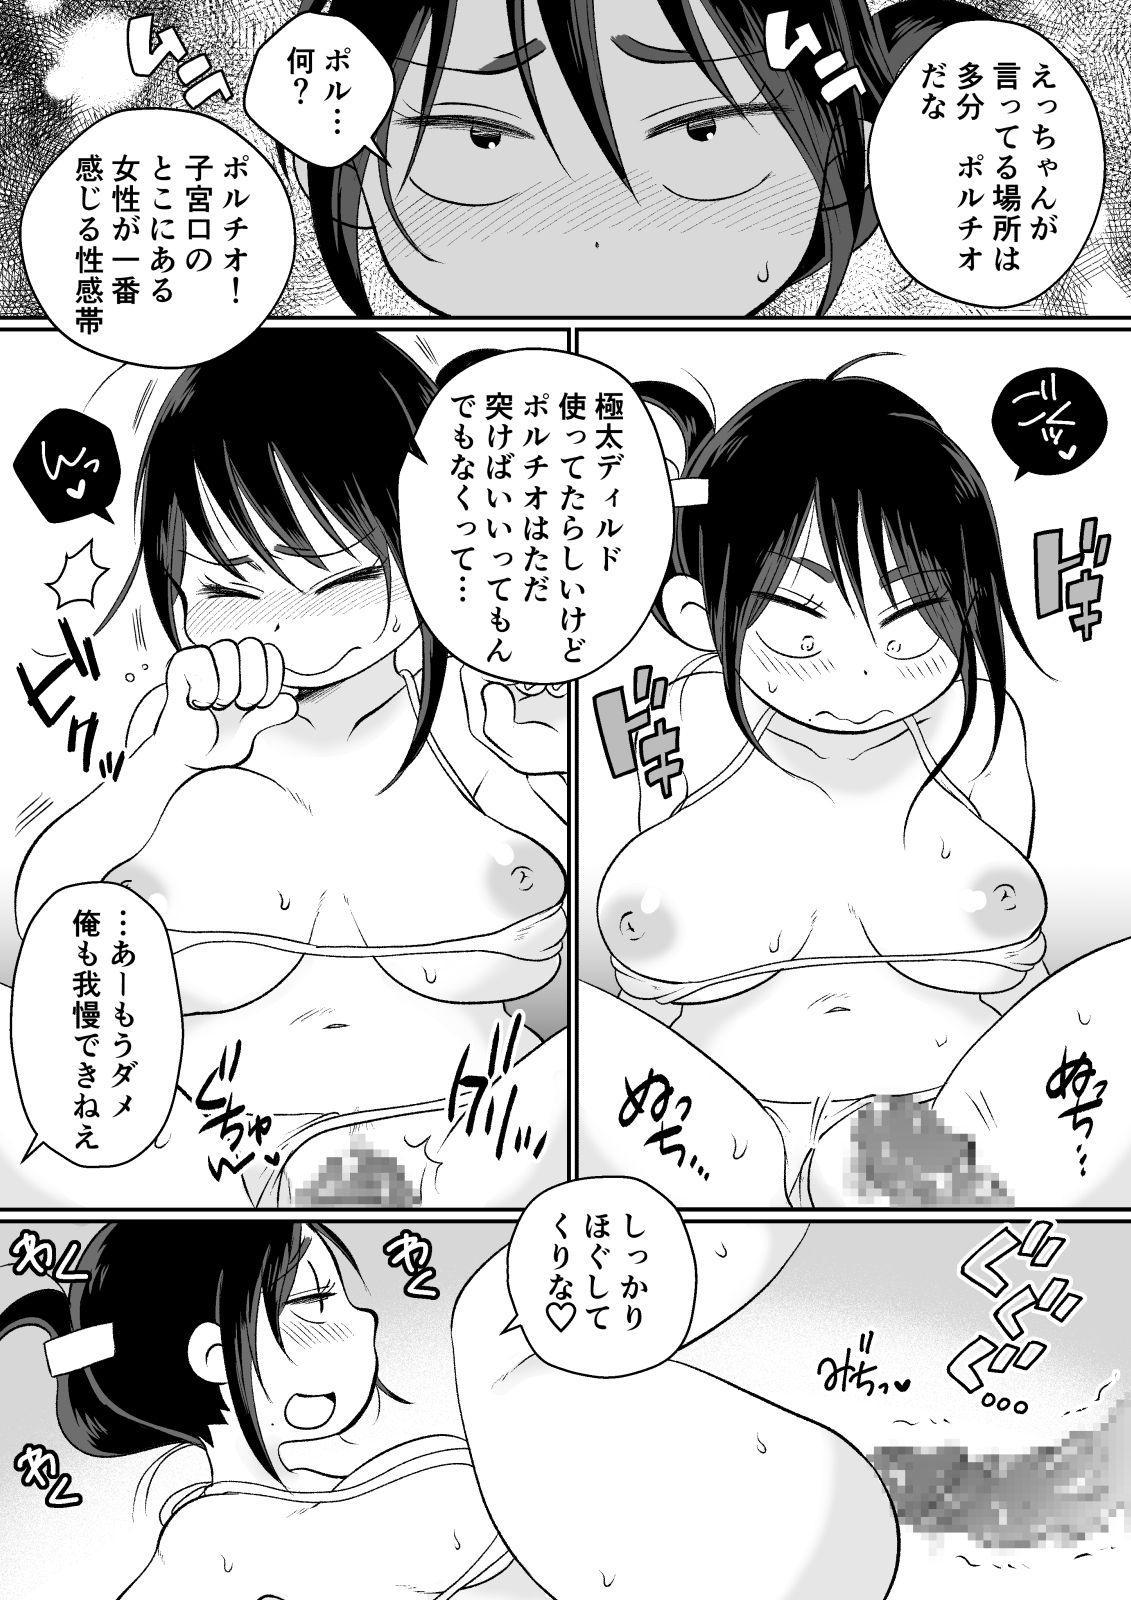 Batsuichi Hitozuma, Moto Danna no Ero Massage ni Ochiru! 51